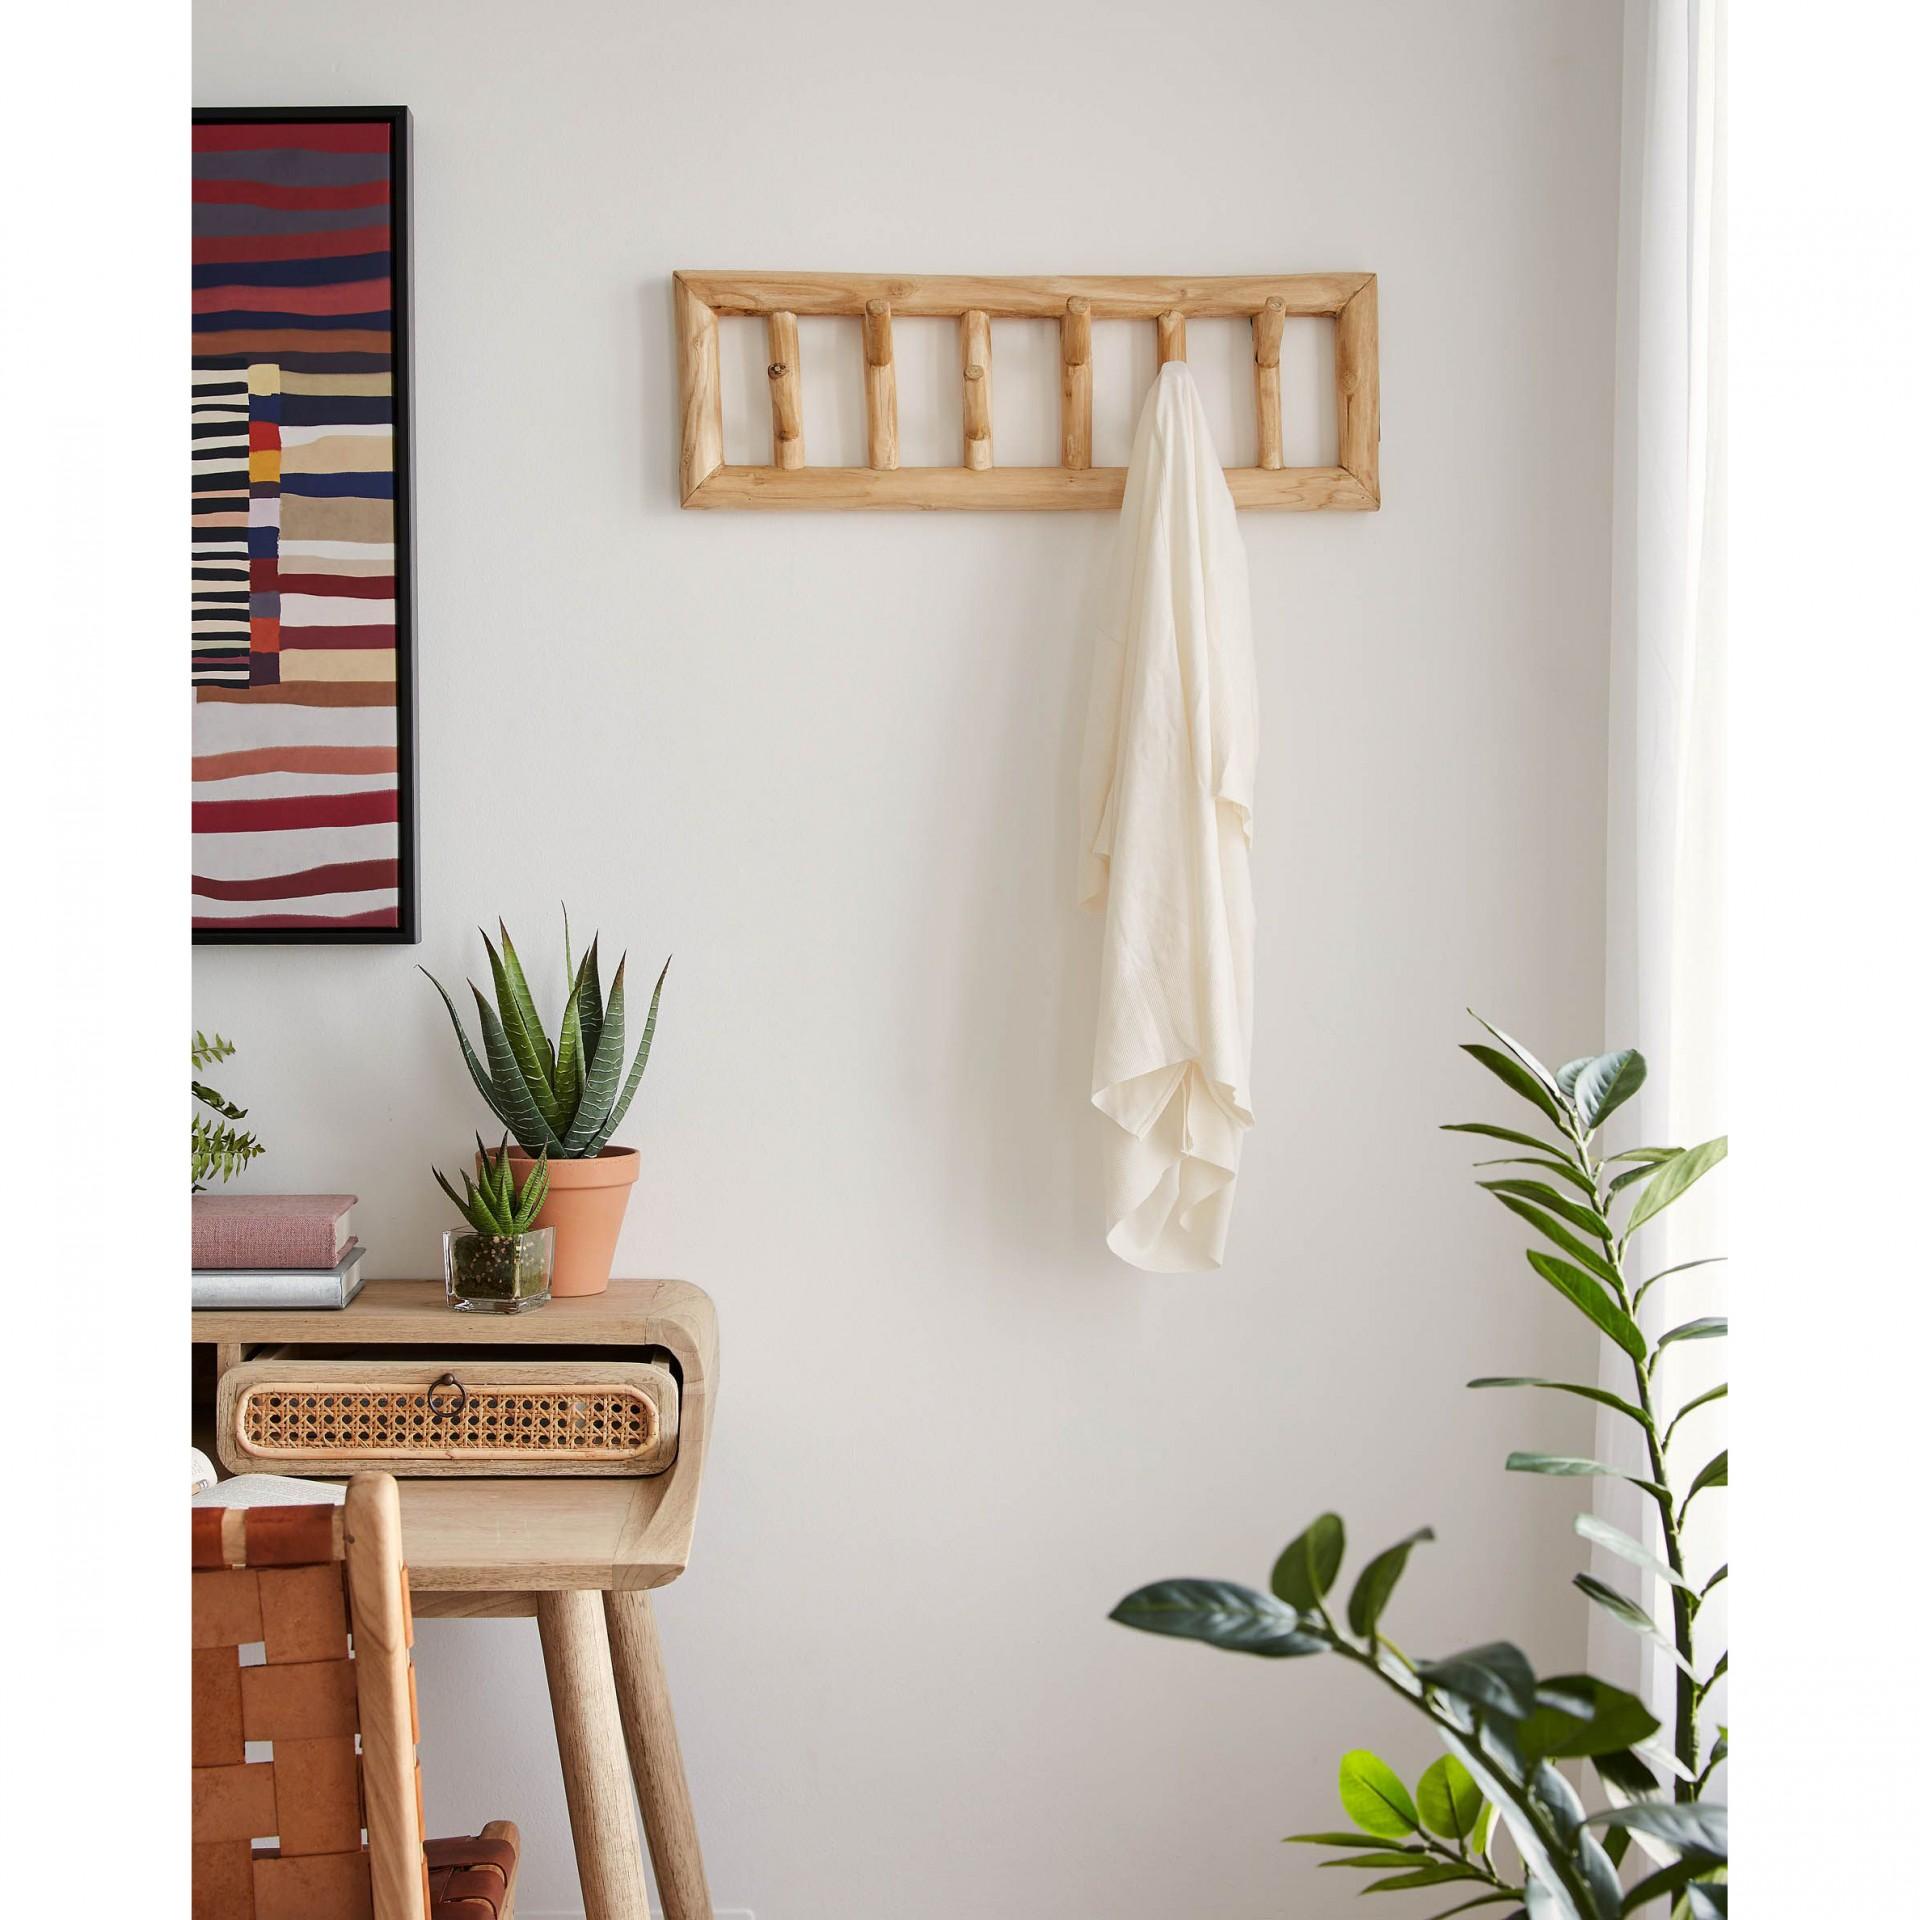 Cabide de parede Thina, madeira teca, 60x20